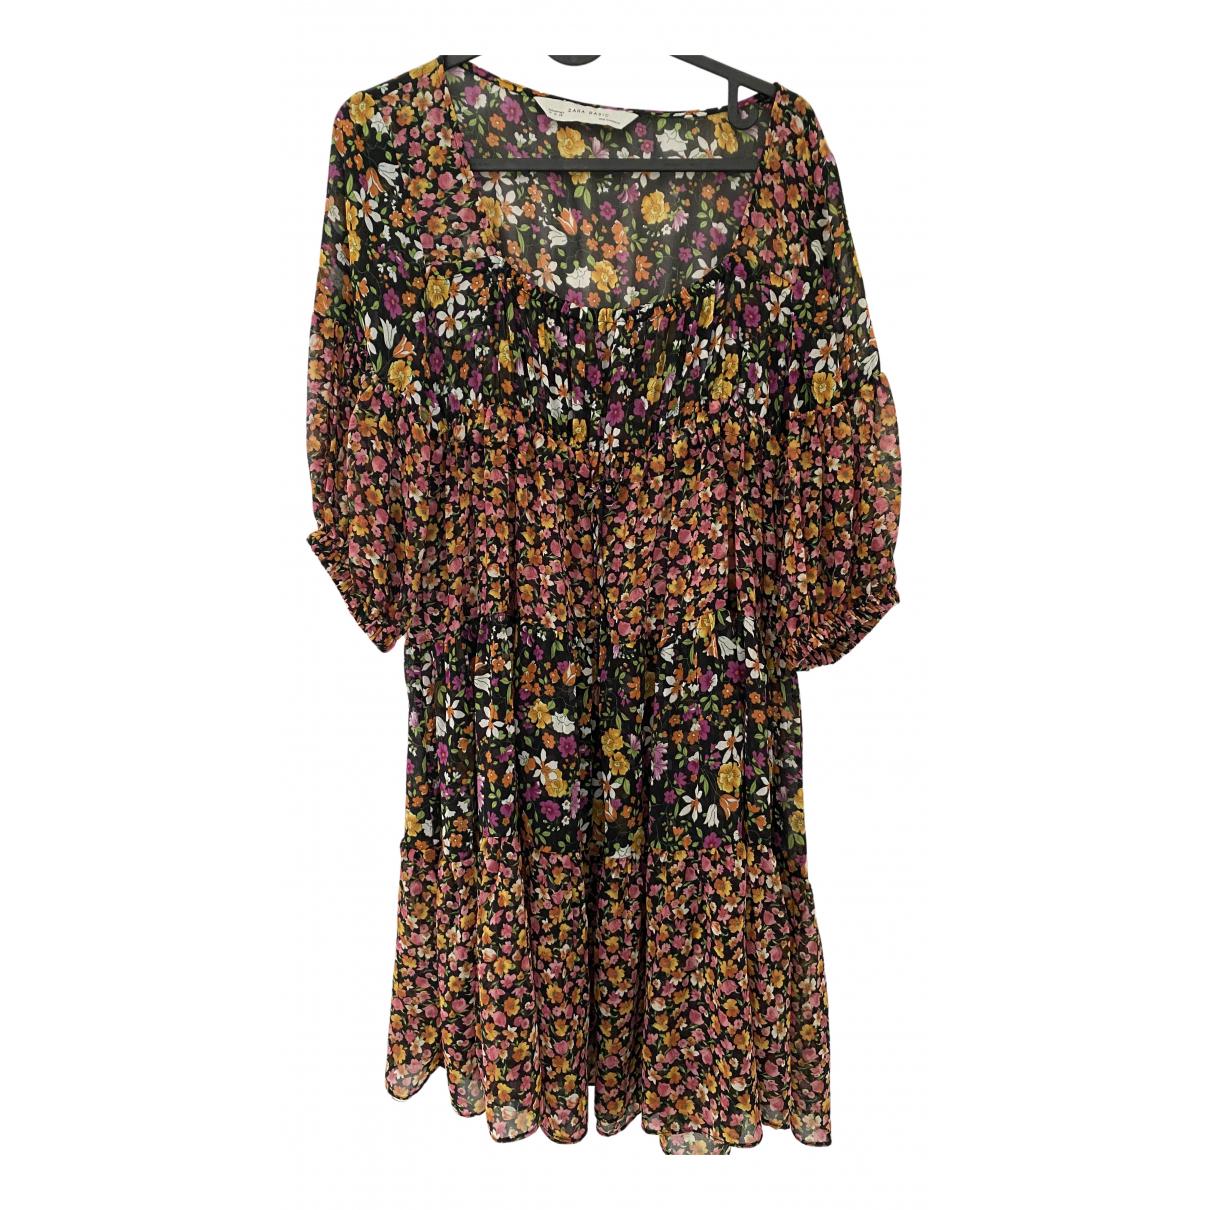 Zara \N Kleid in  Bunt Synthetik